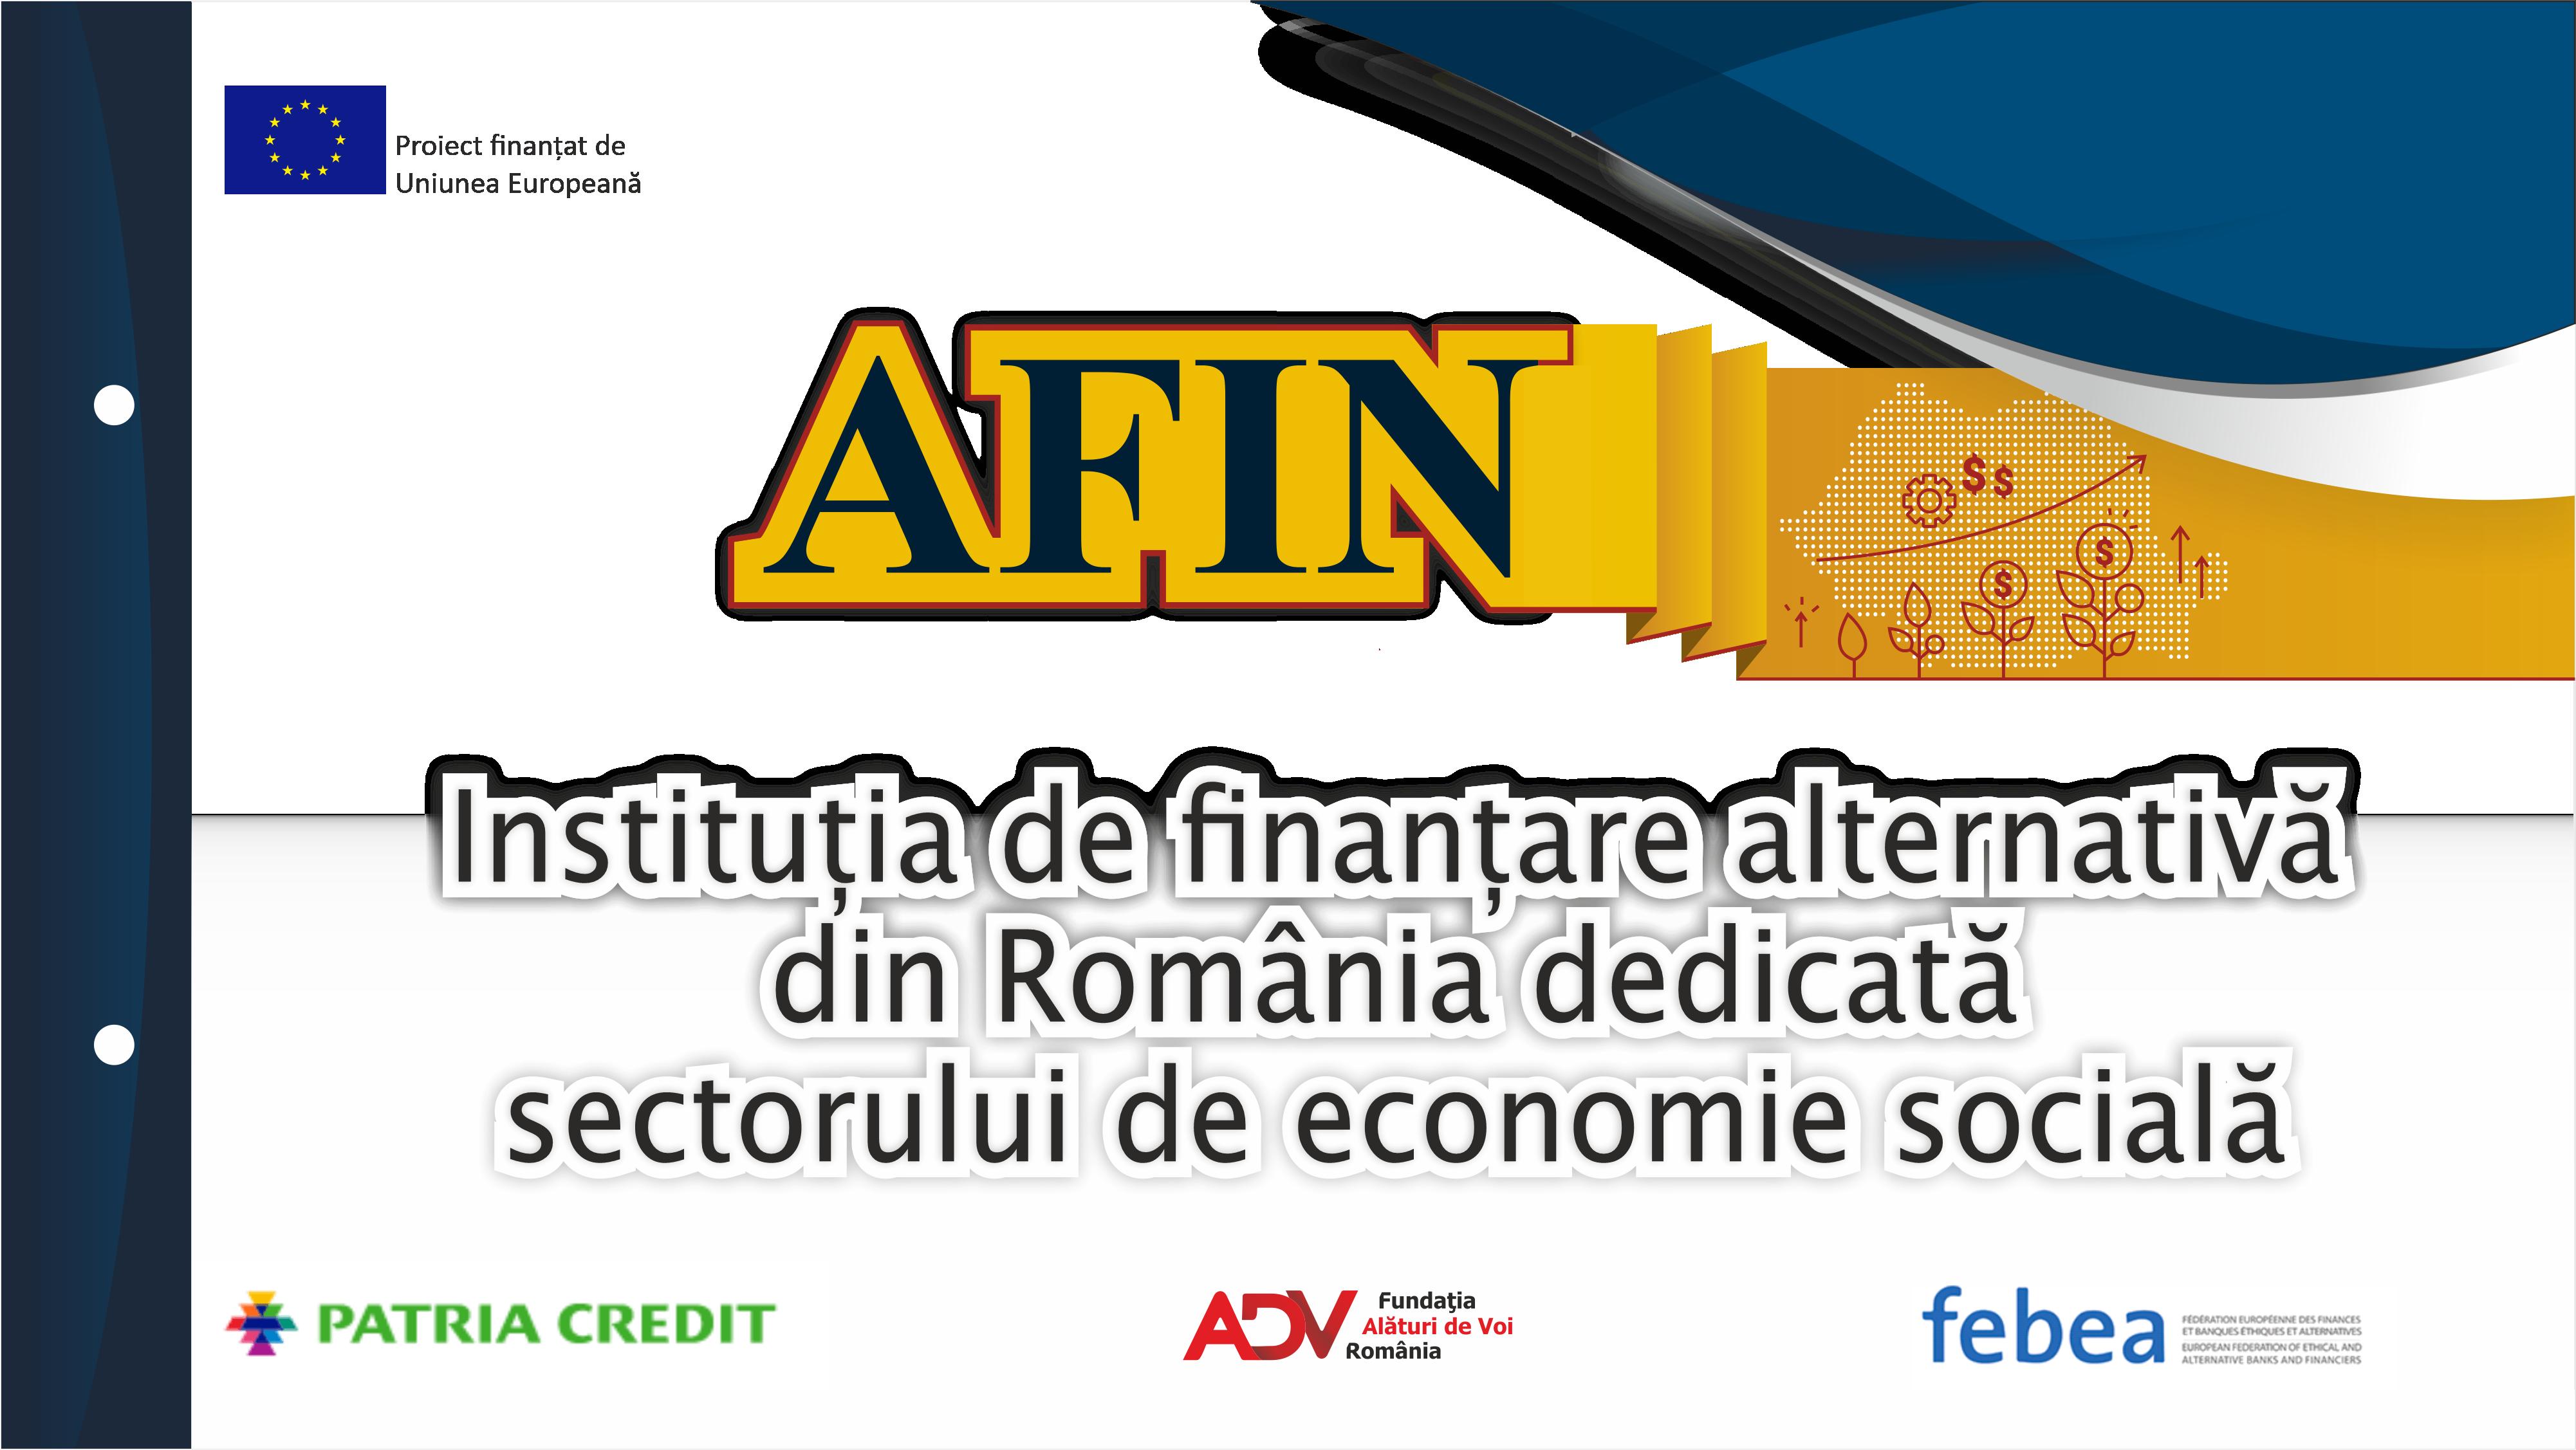 Premieră în România: Comisia Europeană sprijină înființarea primului  IFN dedicat în exclusivitate întreprinderilor sociale: AFIN – Instituția de Finanțare Alternativă